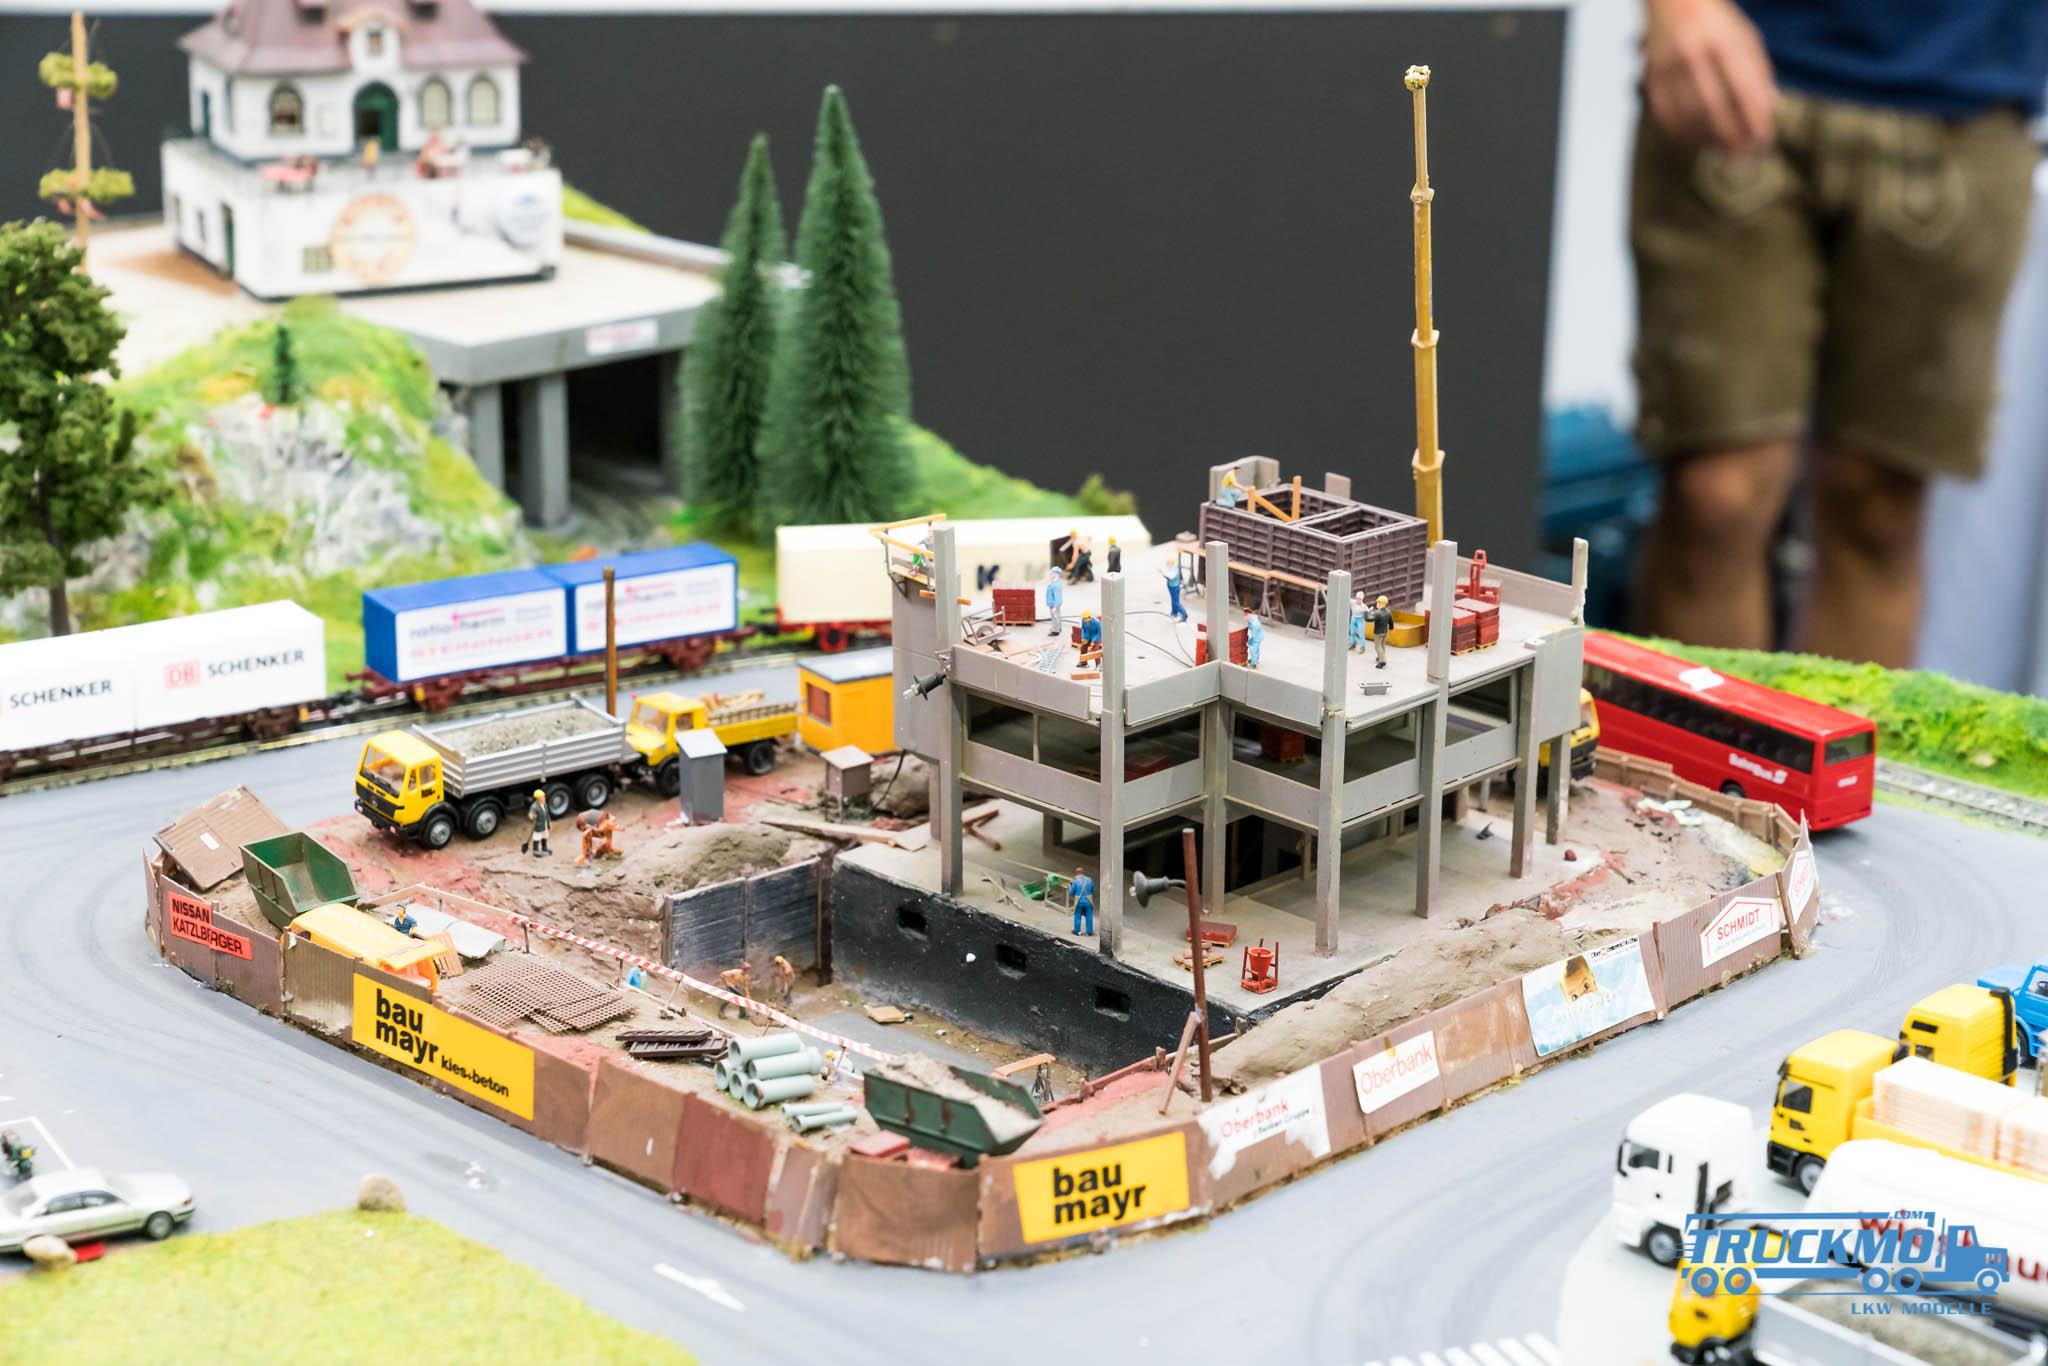 Truckmo_Modellbau_Ried_2017_Herpa_Messe_Modellbauausstellung (69 von 1177)